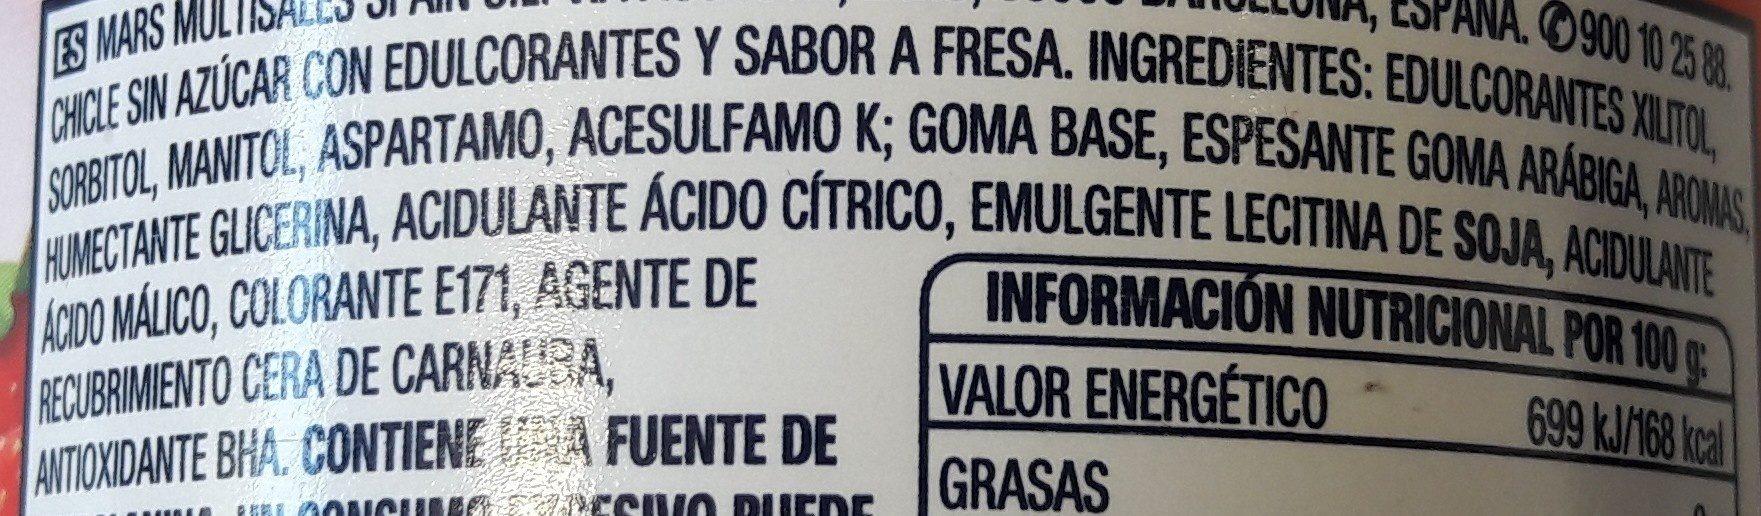 Chicles de fresa sin azúcar - Ingredients - es